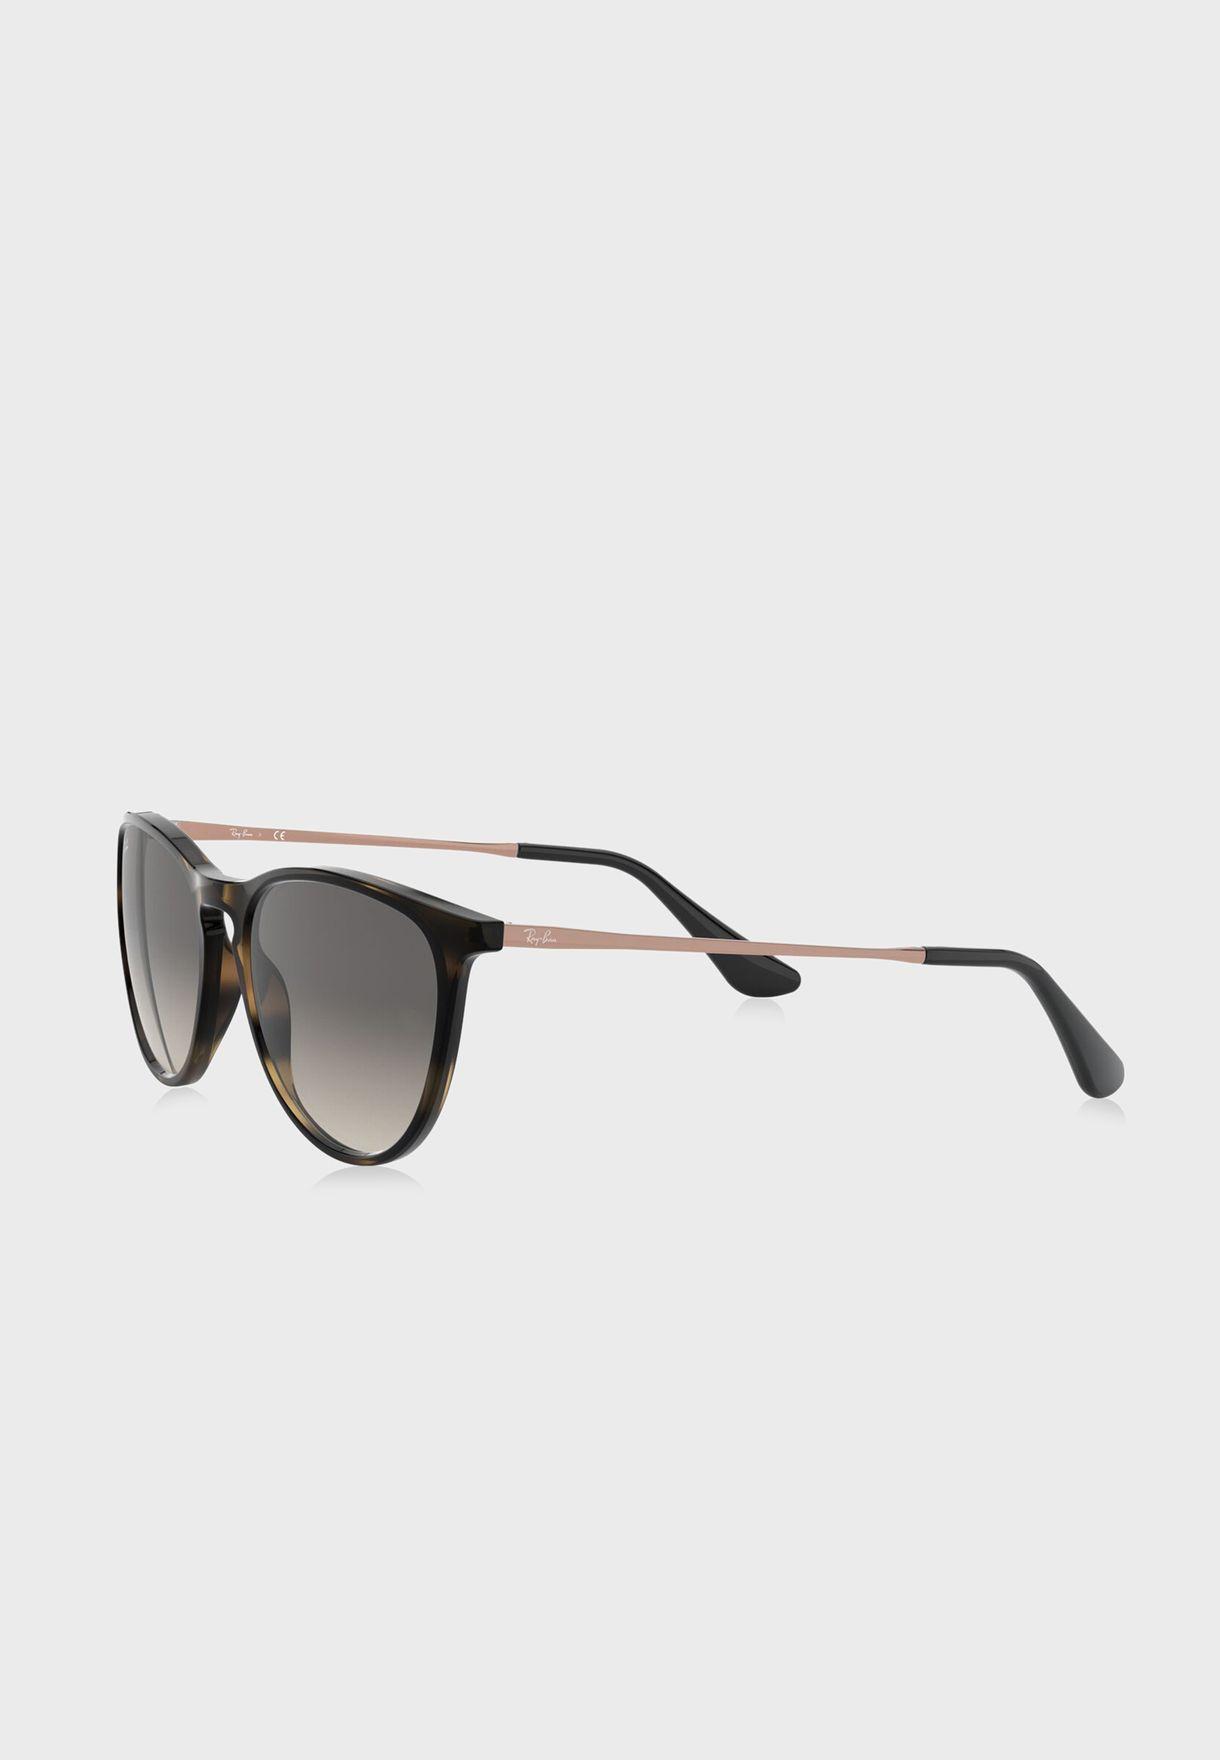 نظارة شمسية كبيرة 0Rj9060S